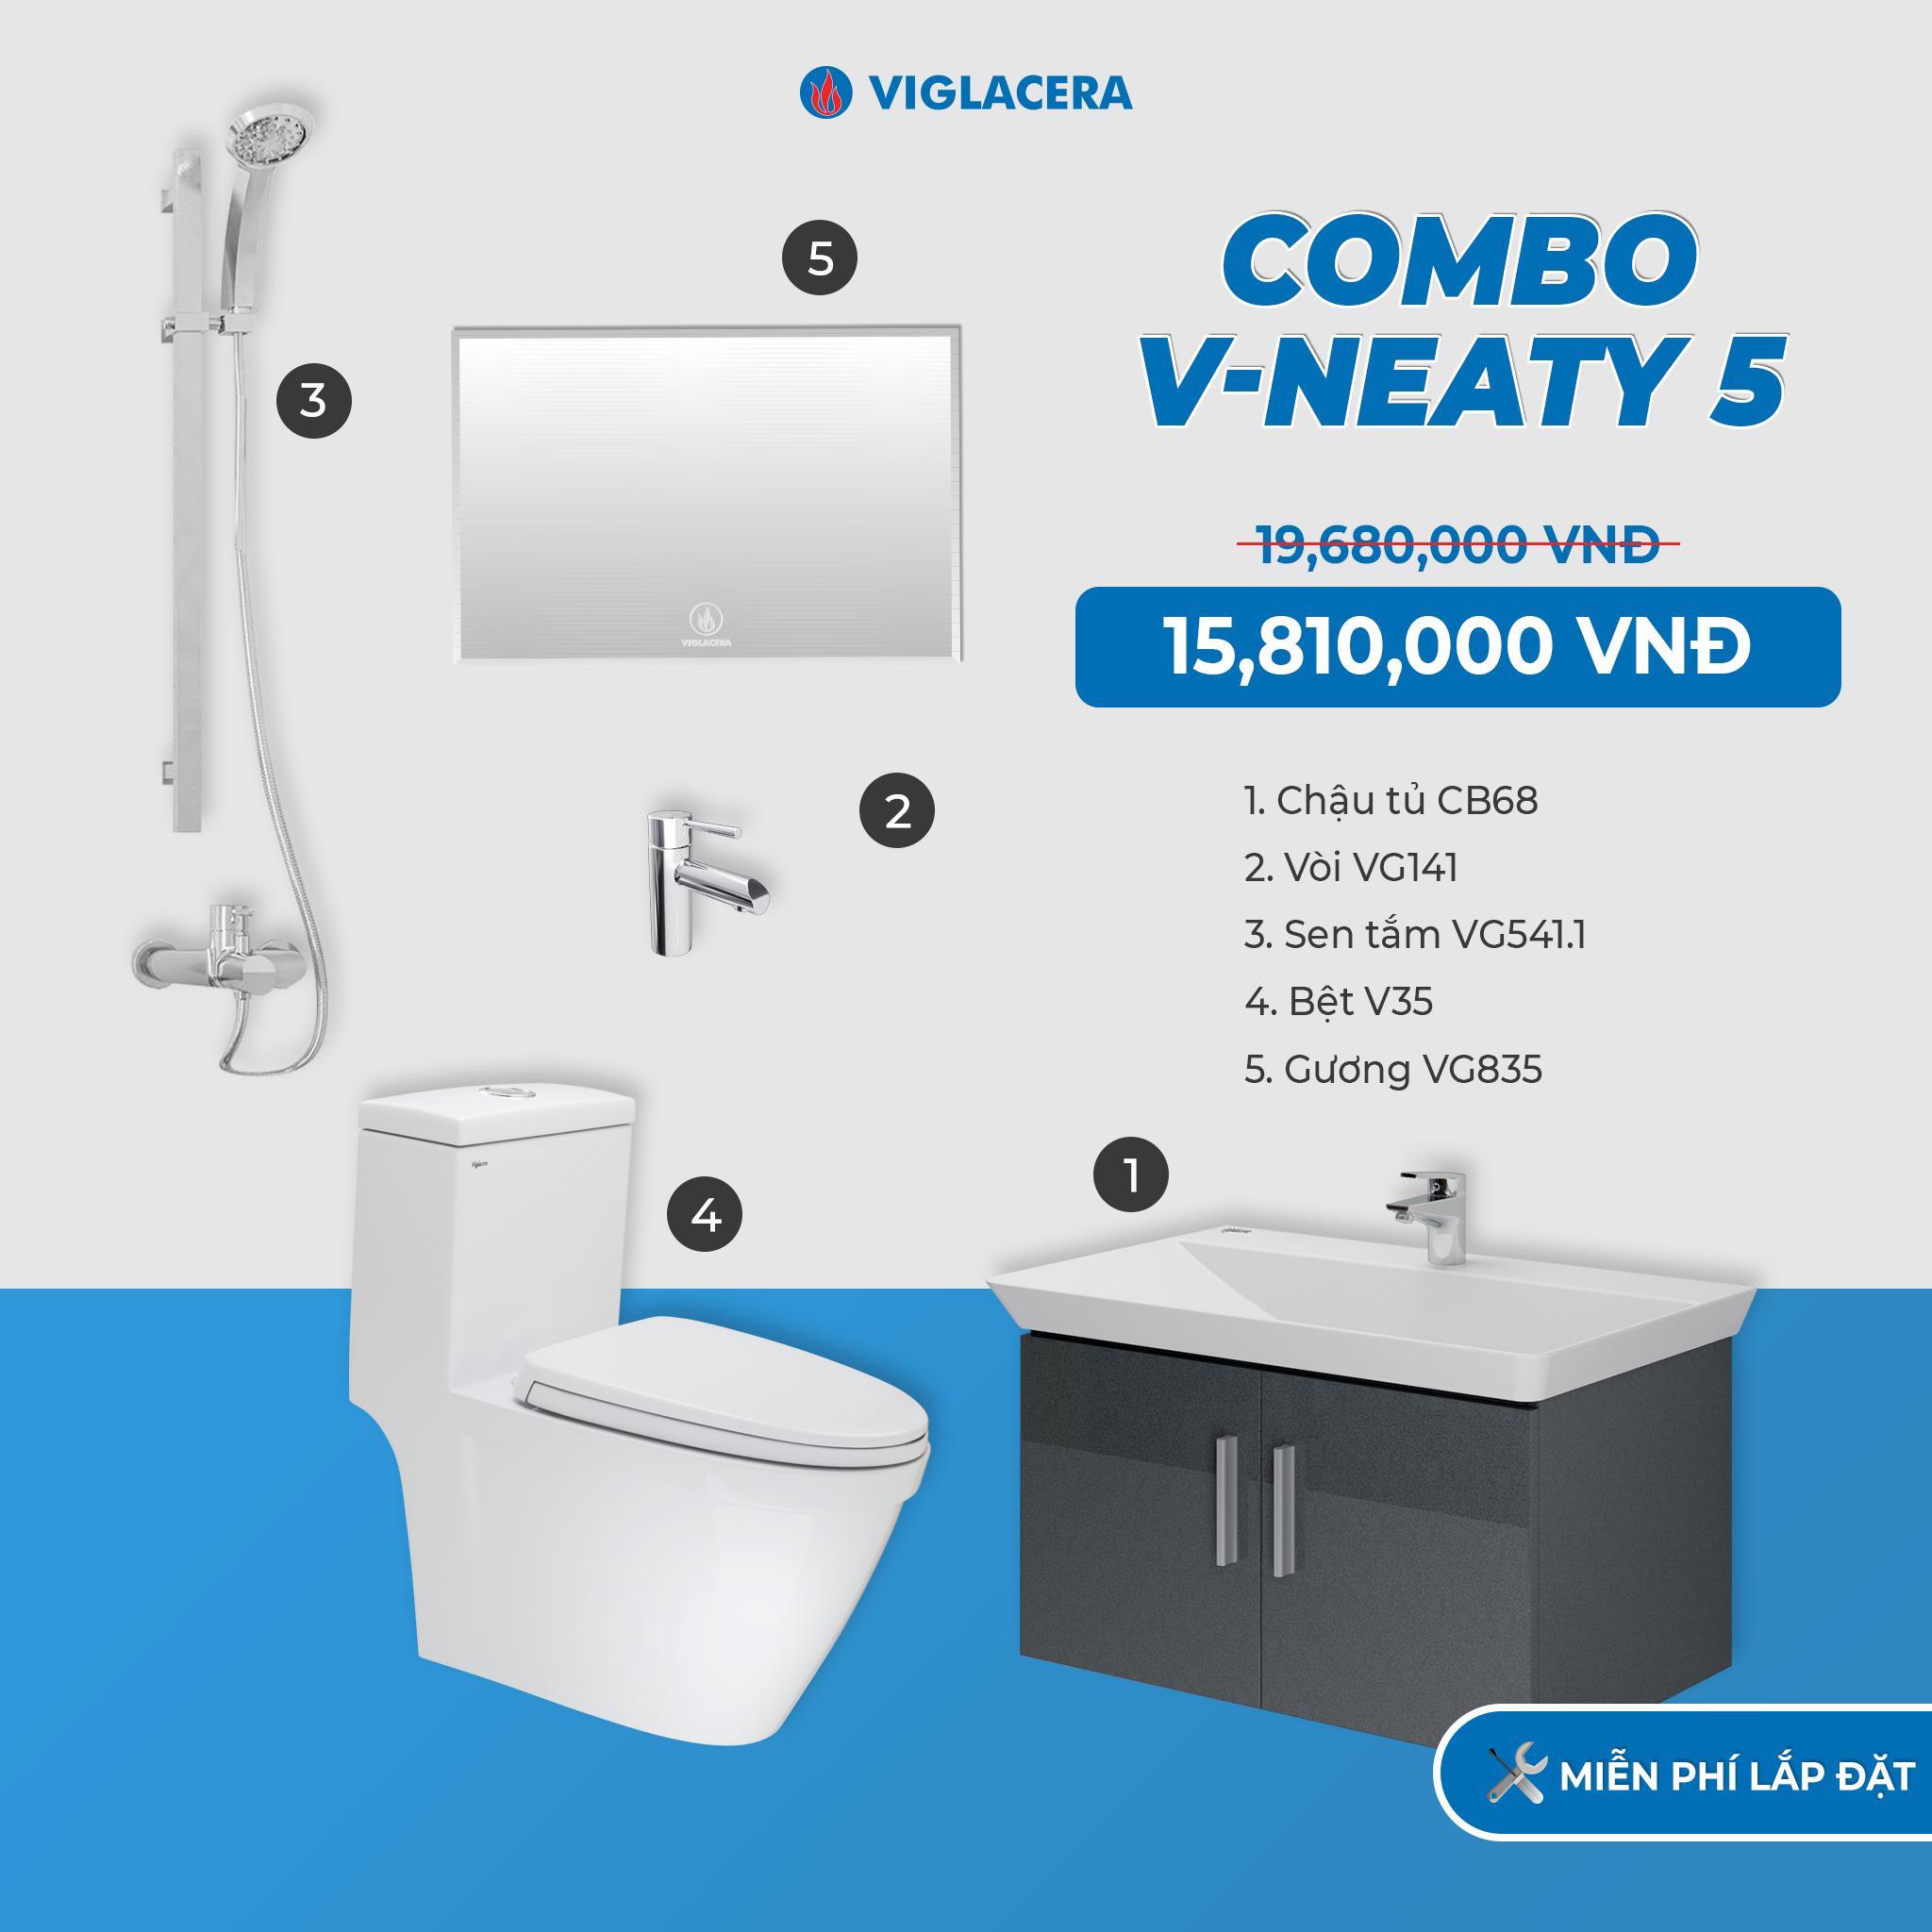 Combo V-NEATY 5